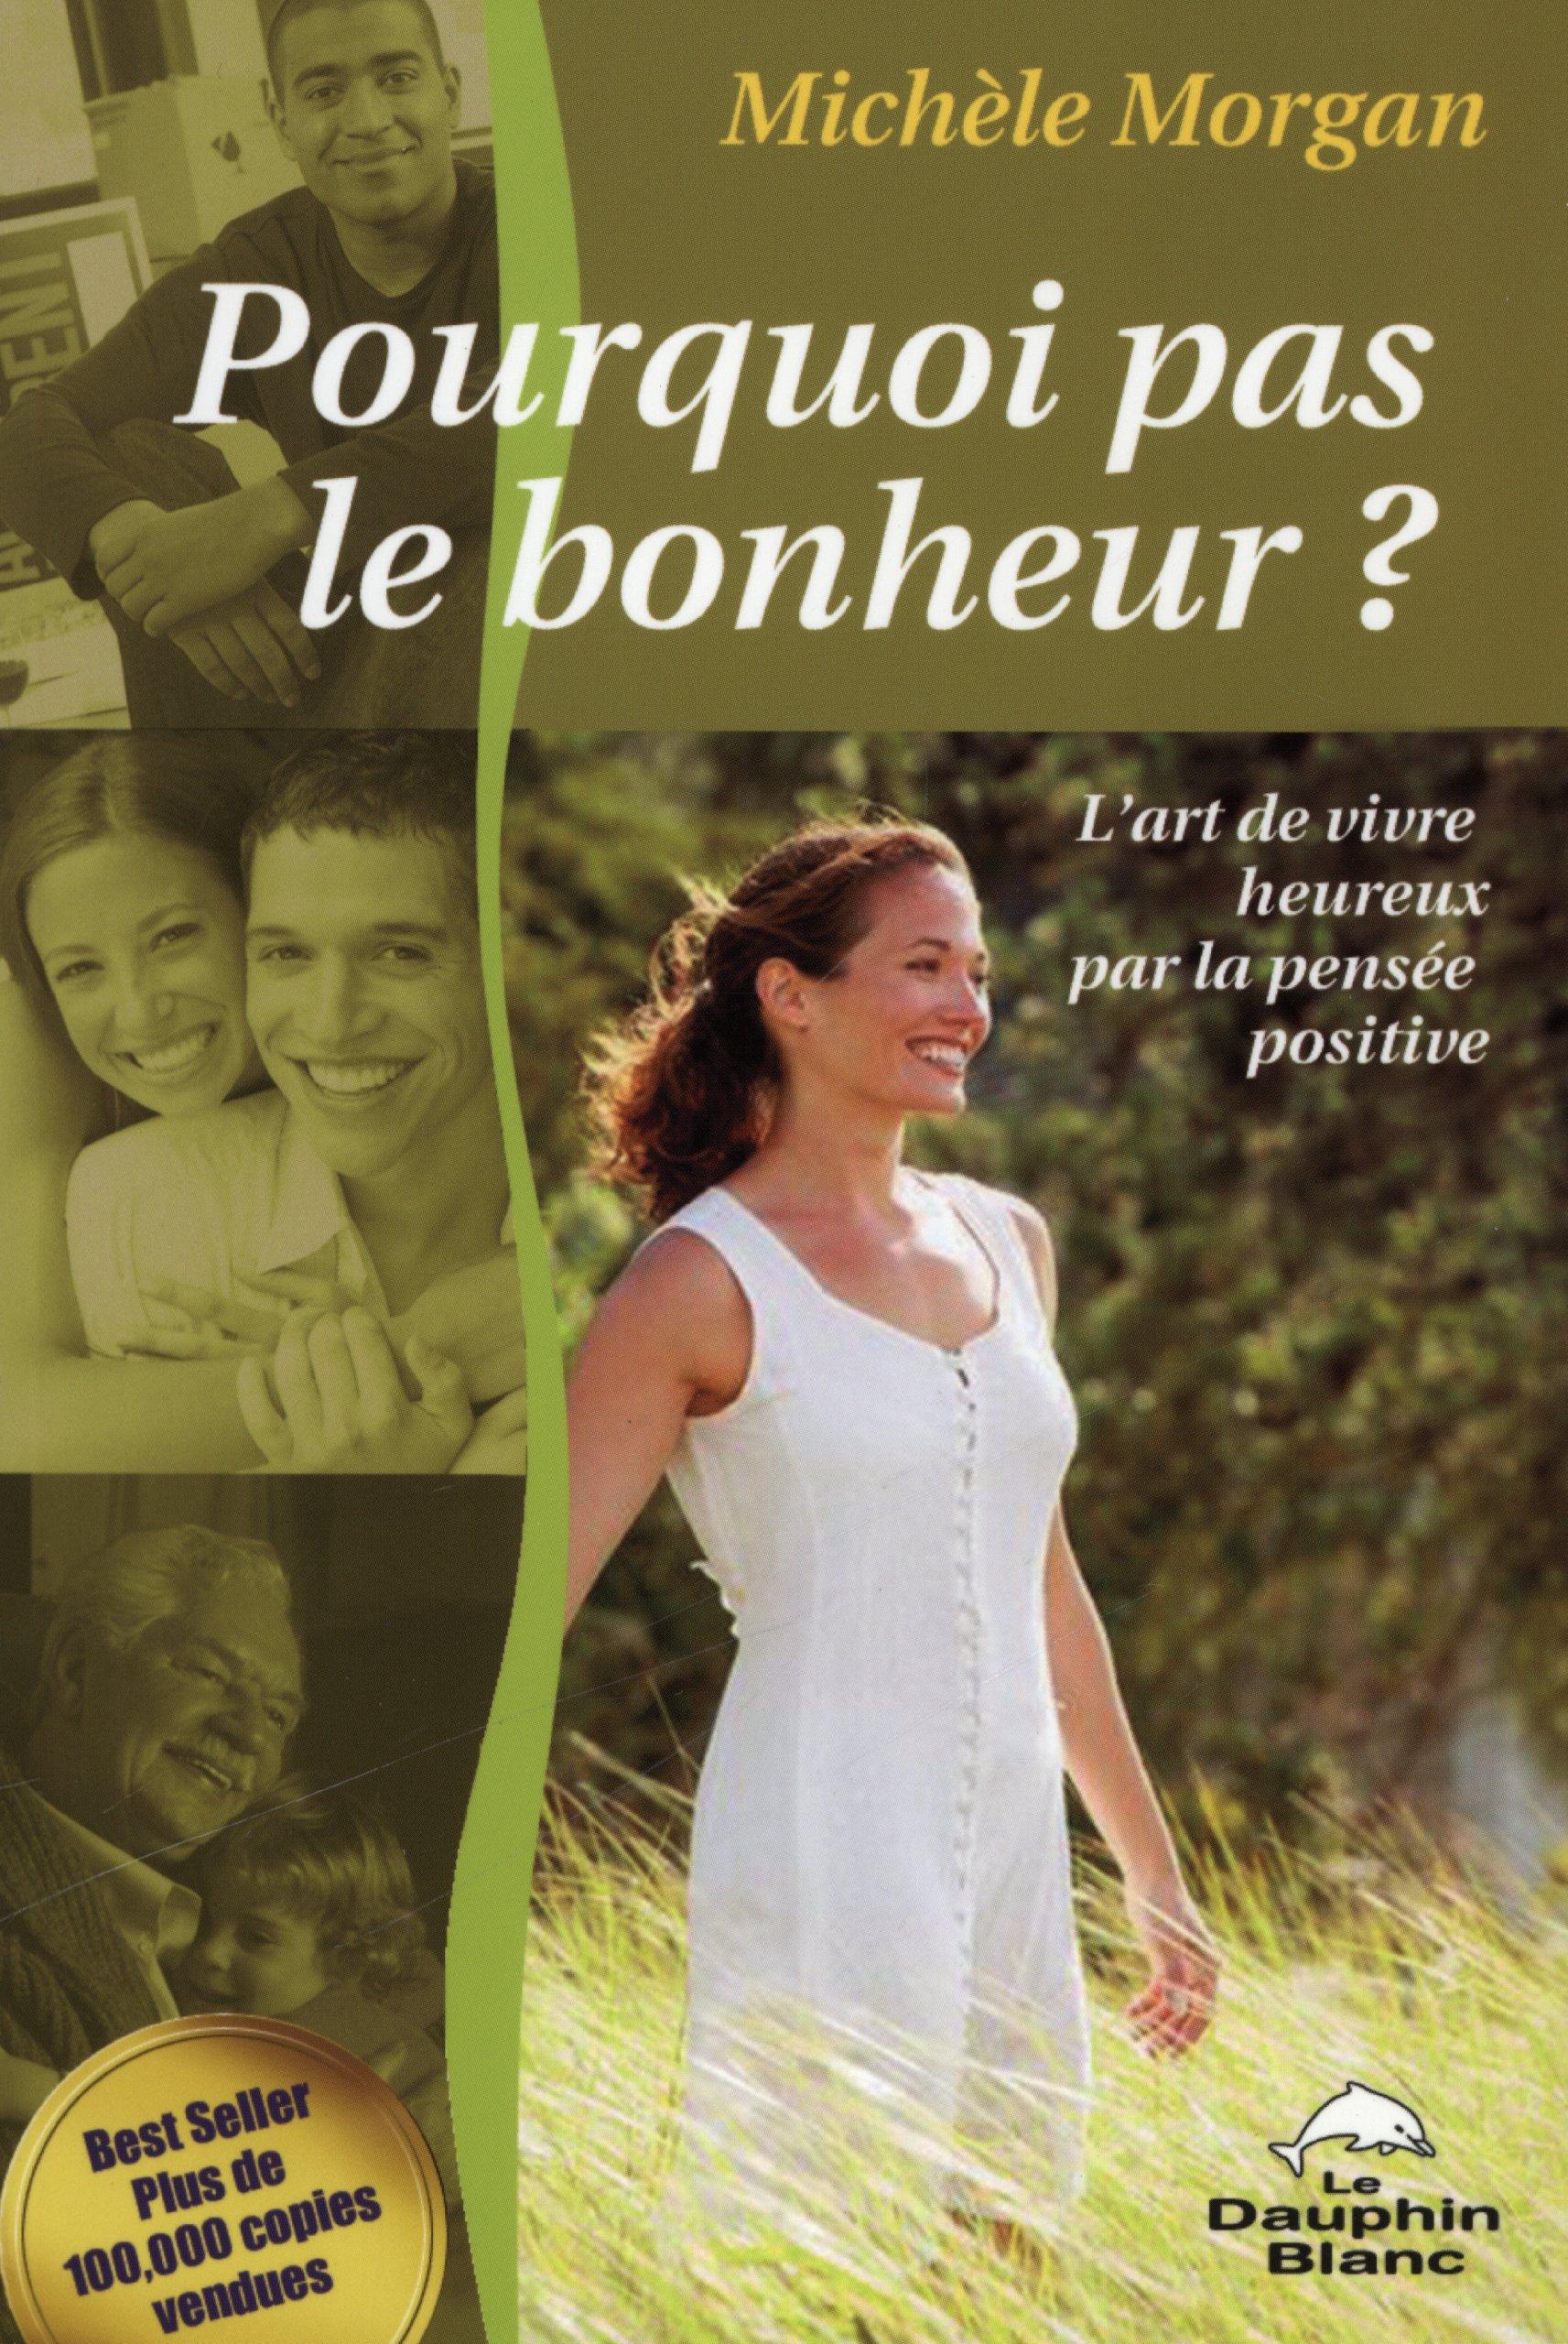 Pourquoi pas le bonheur ? L'art de vivre heureux par la pensée positive Broché – 30 novembre 2006 Michèle Morgan Dauphin blanc 2894361688 9782894361689_PROL_US